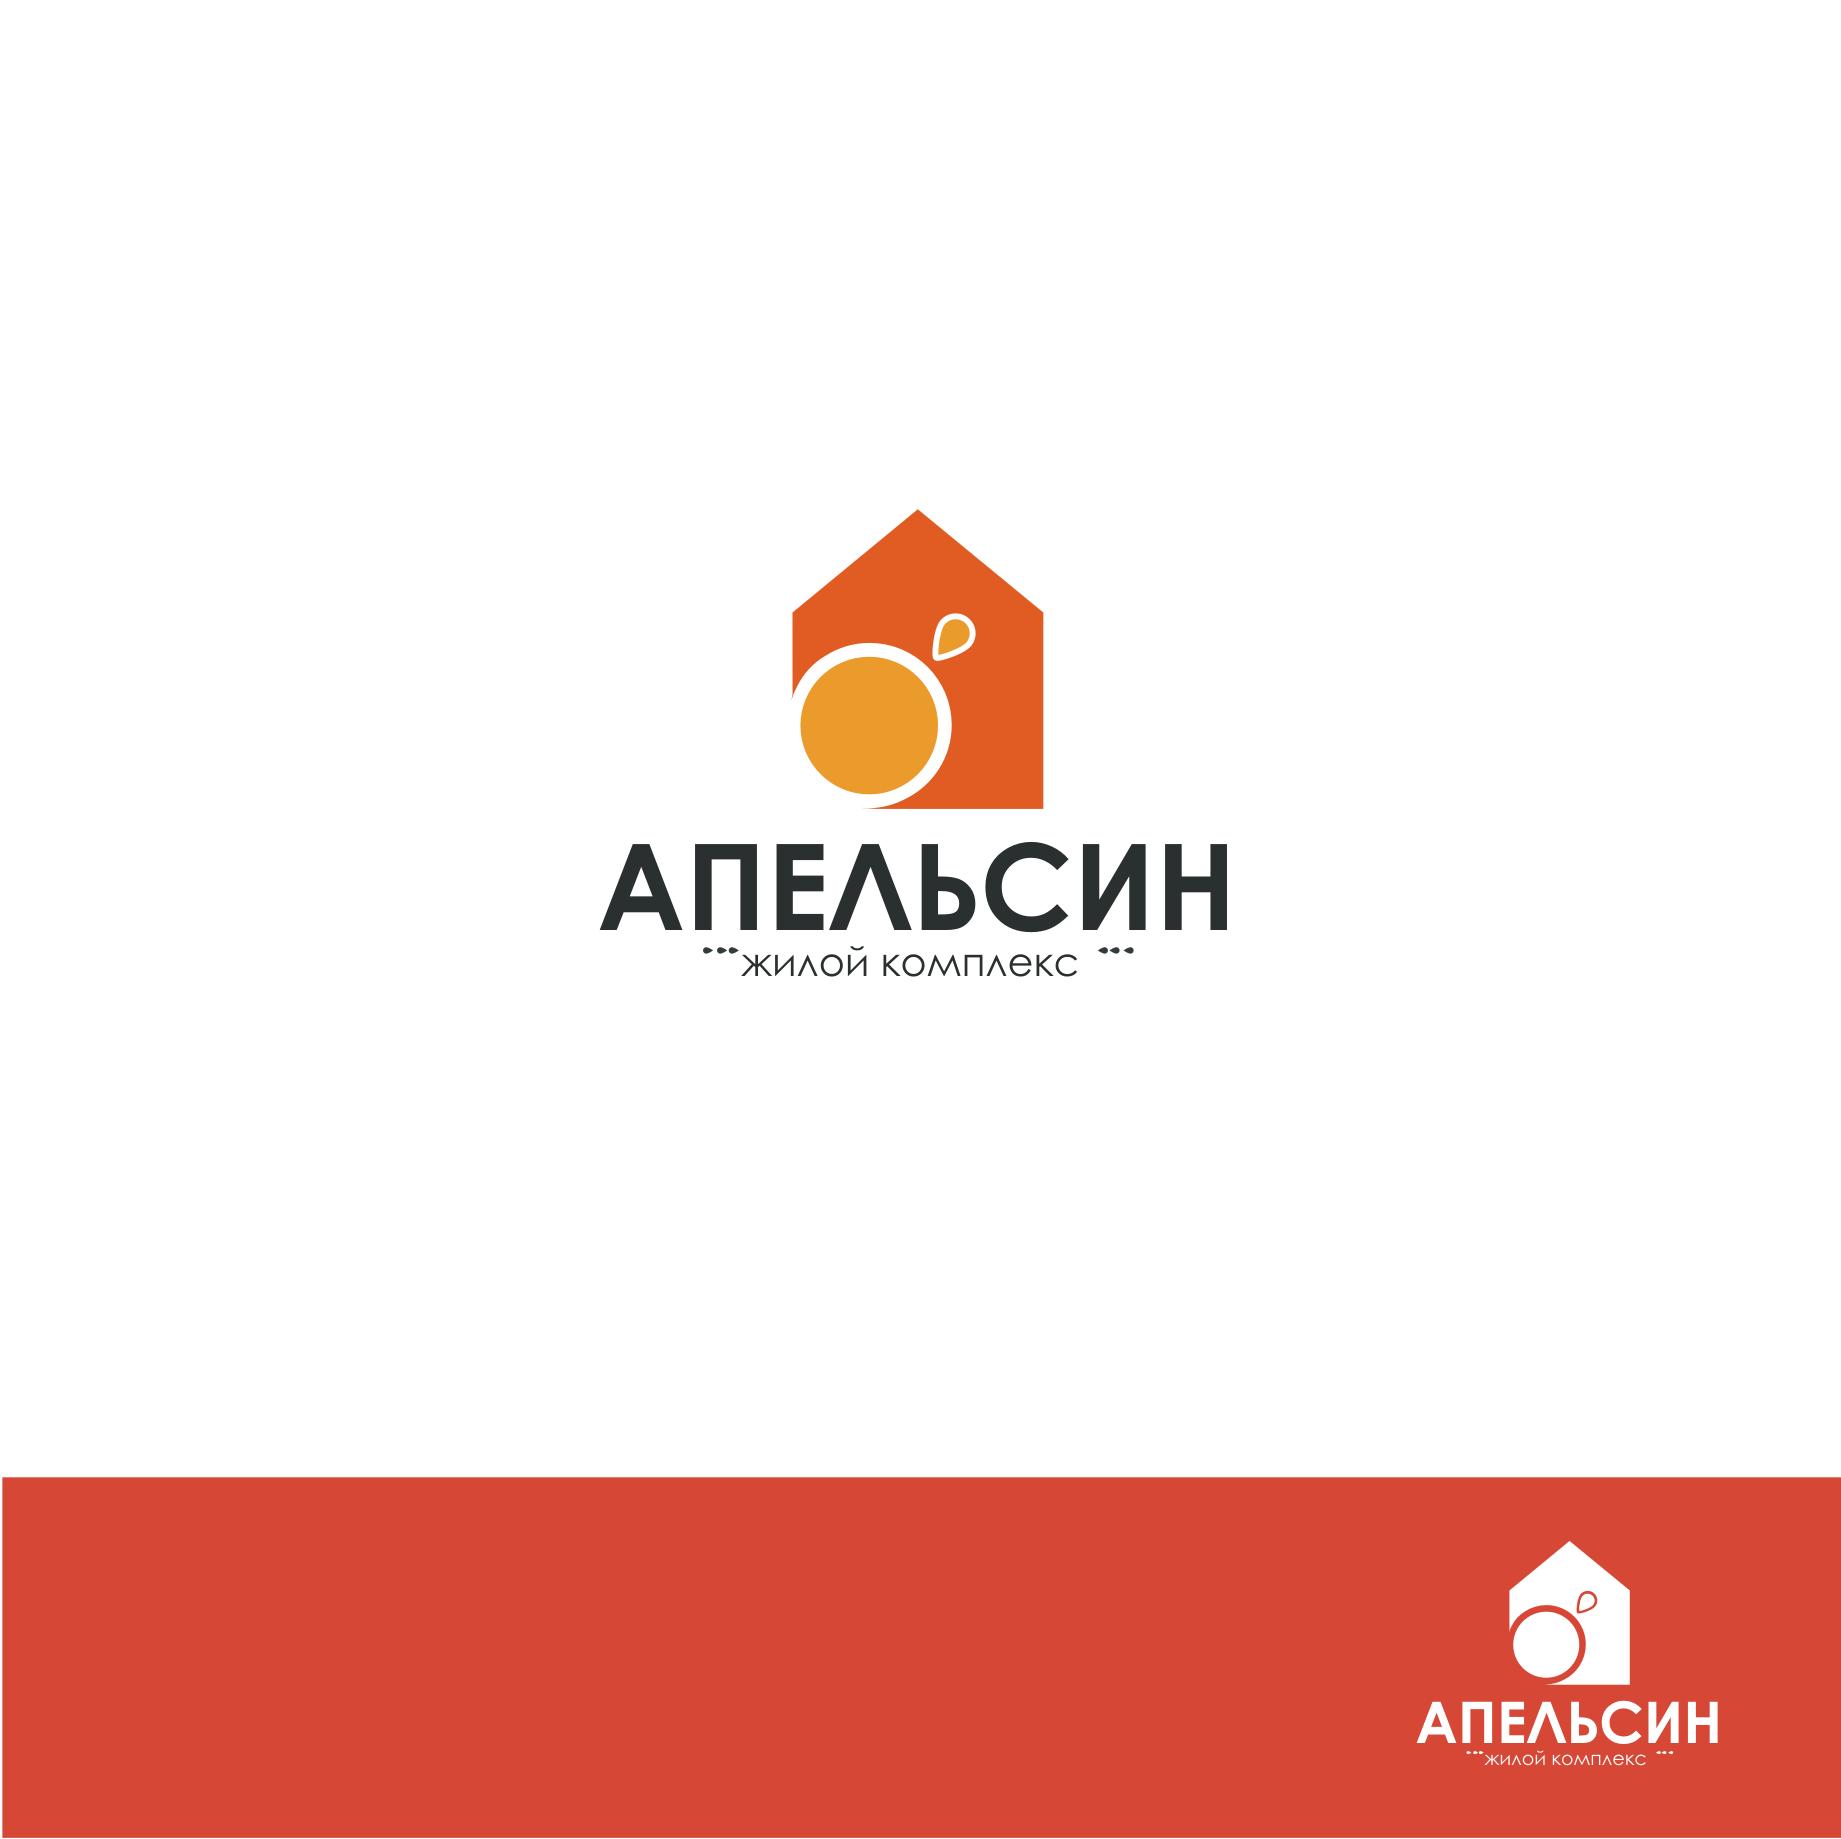 Логотип и фирменный стиль фото f_0775a66ed771c2db.png